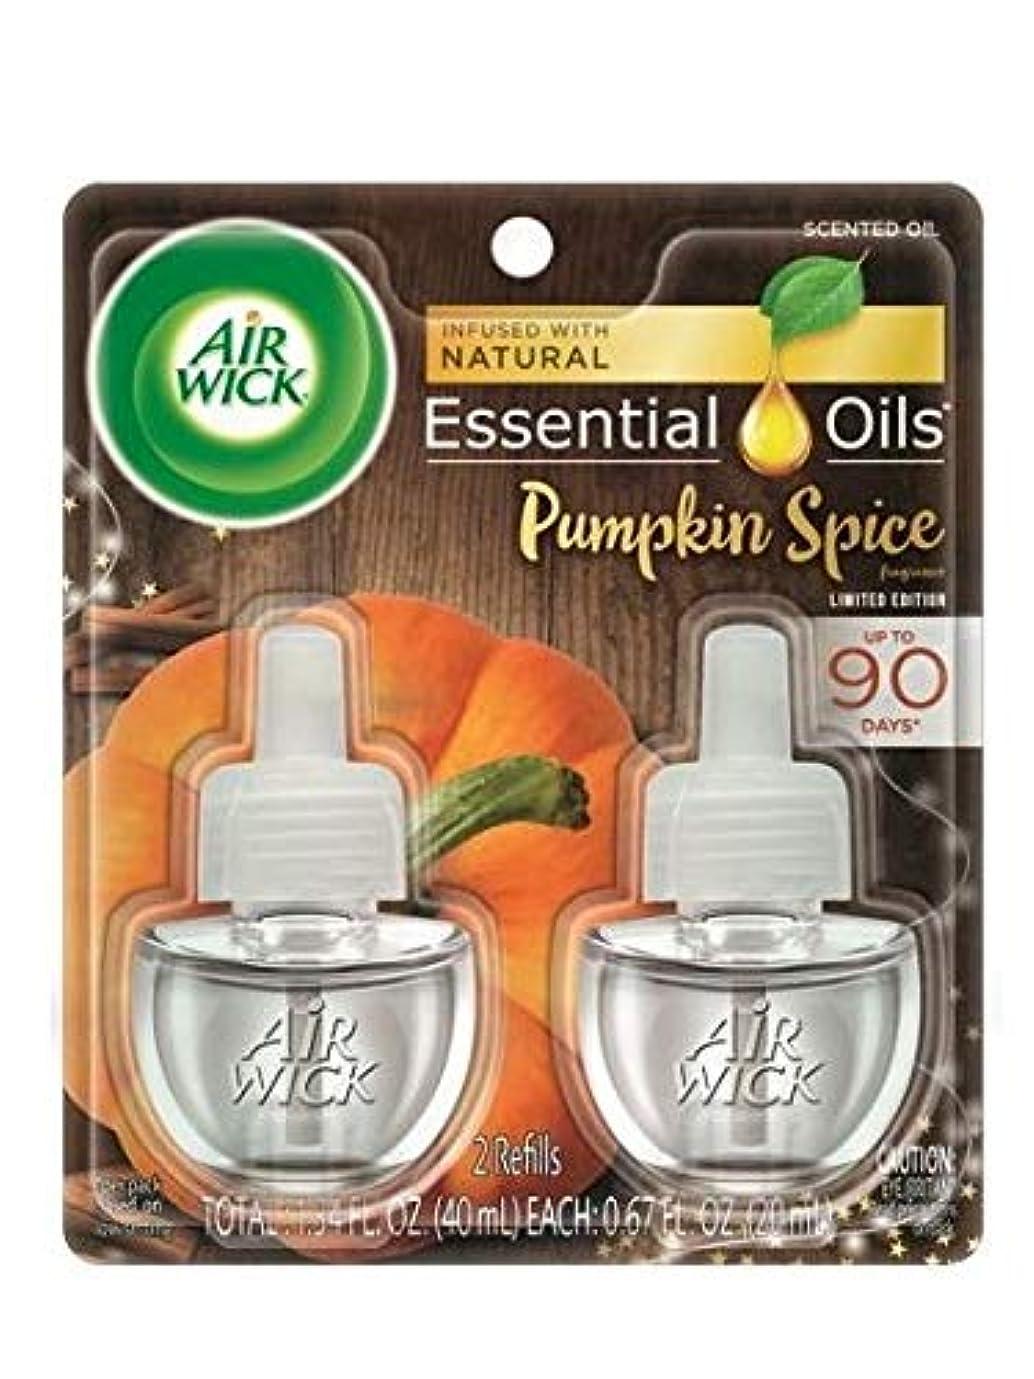 葉巻魅力的であることへのアピール貯水池【Air Wick/エアーウィック】 プラグインオイル詰替えリフィル(2個入り) パンプキンスパイス Air Wick Scented Oil Twin Refill Pumpkin Spice (2X.67) Oz. [並行輸入品]